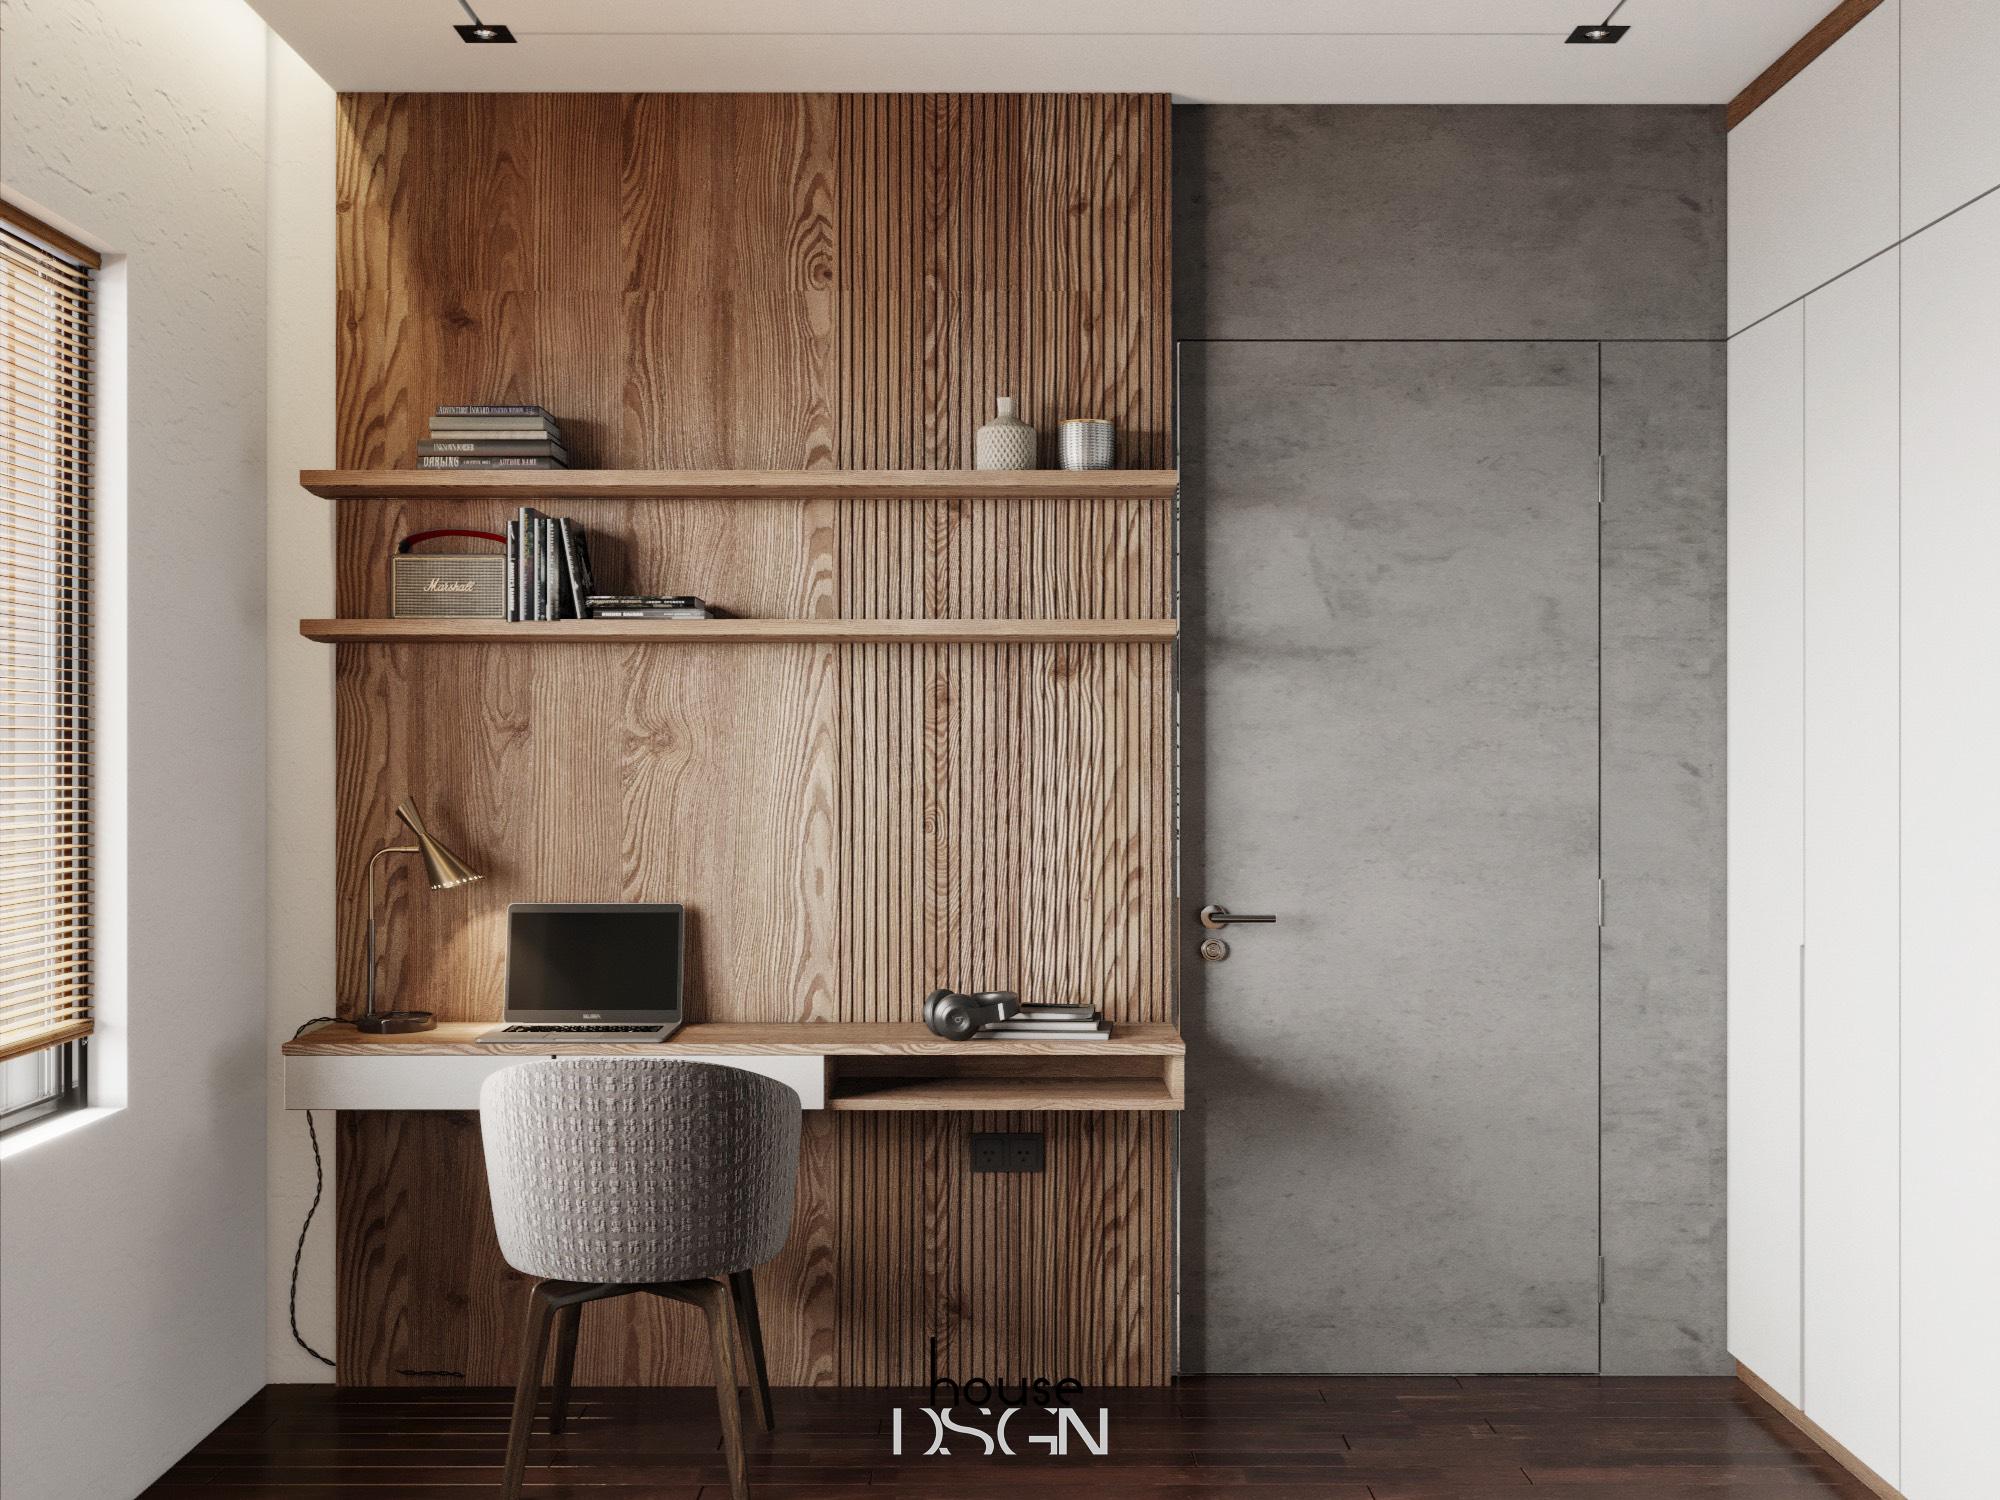 mẫu thiết kế căn hộ chung cư 60m2 tiện nghi